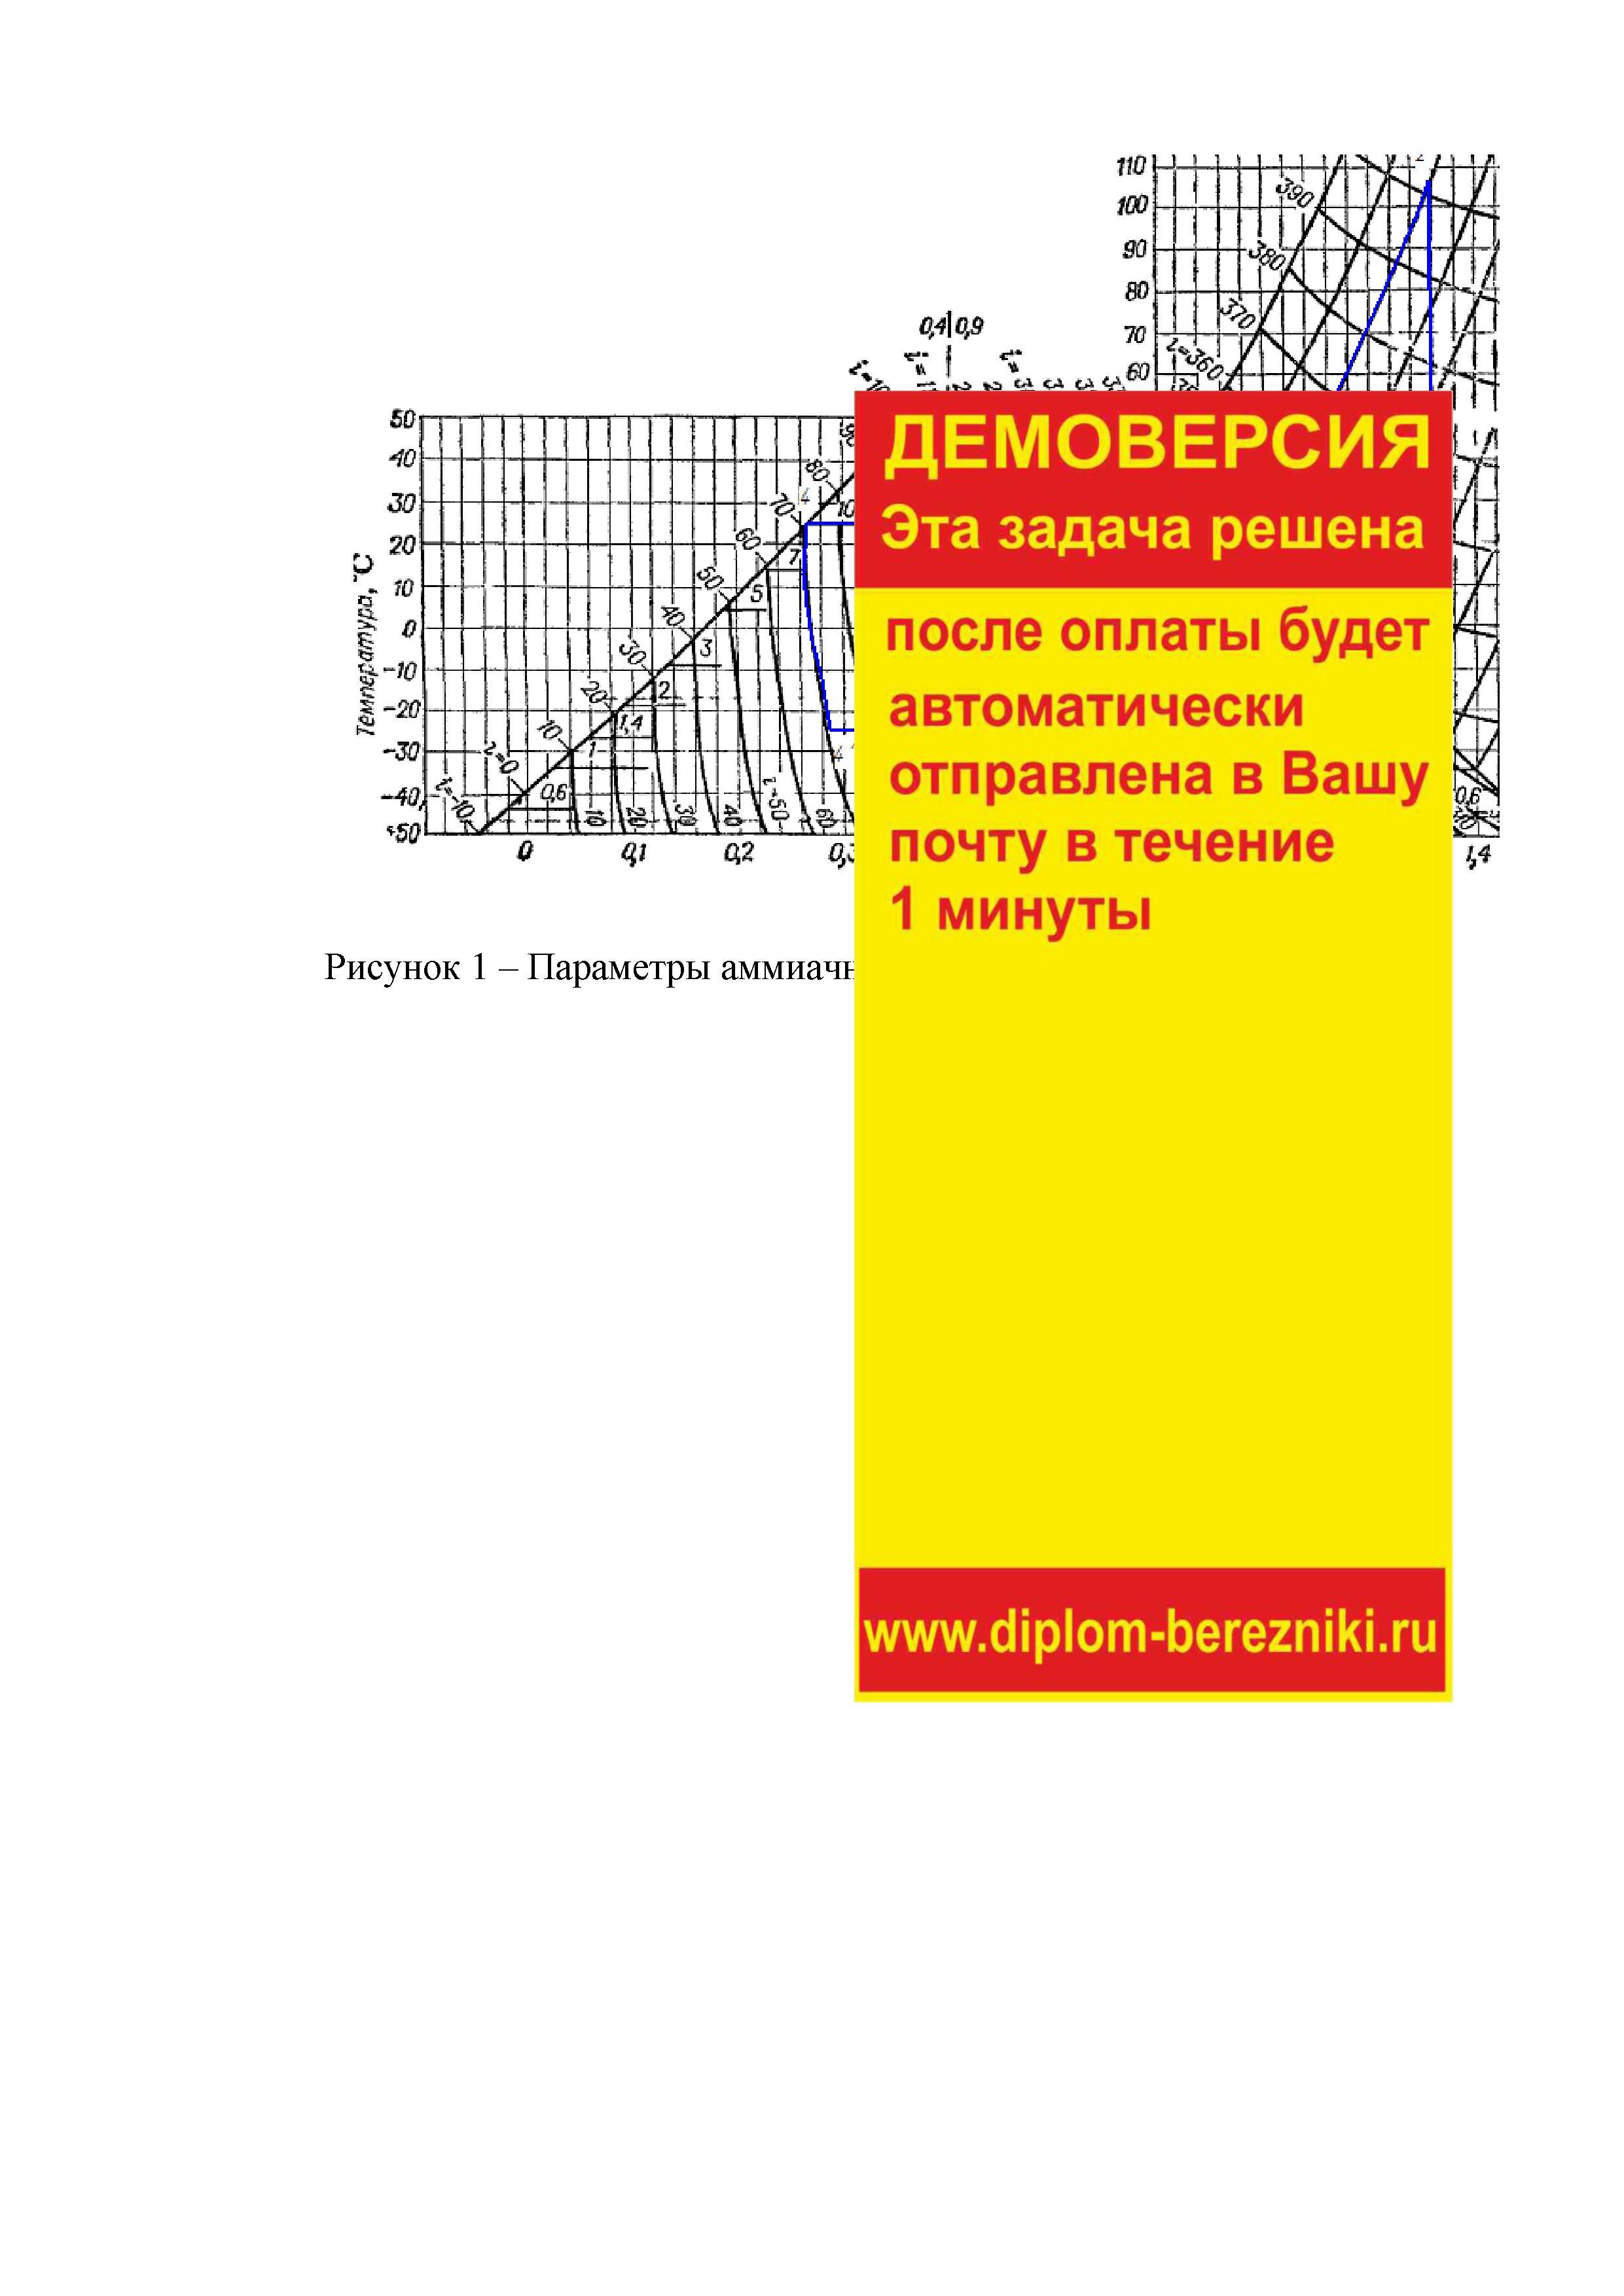 Решение задачи 11.9  по ПАХТ из задачника Павлова Романкова Носкова